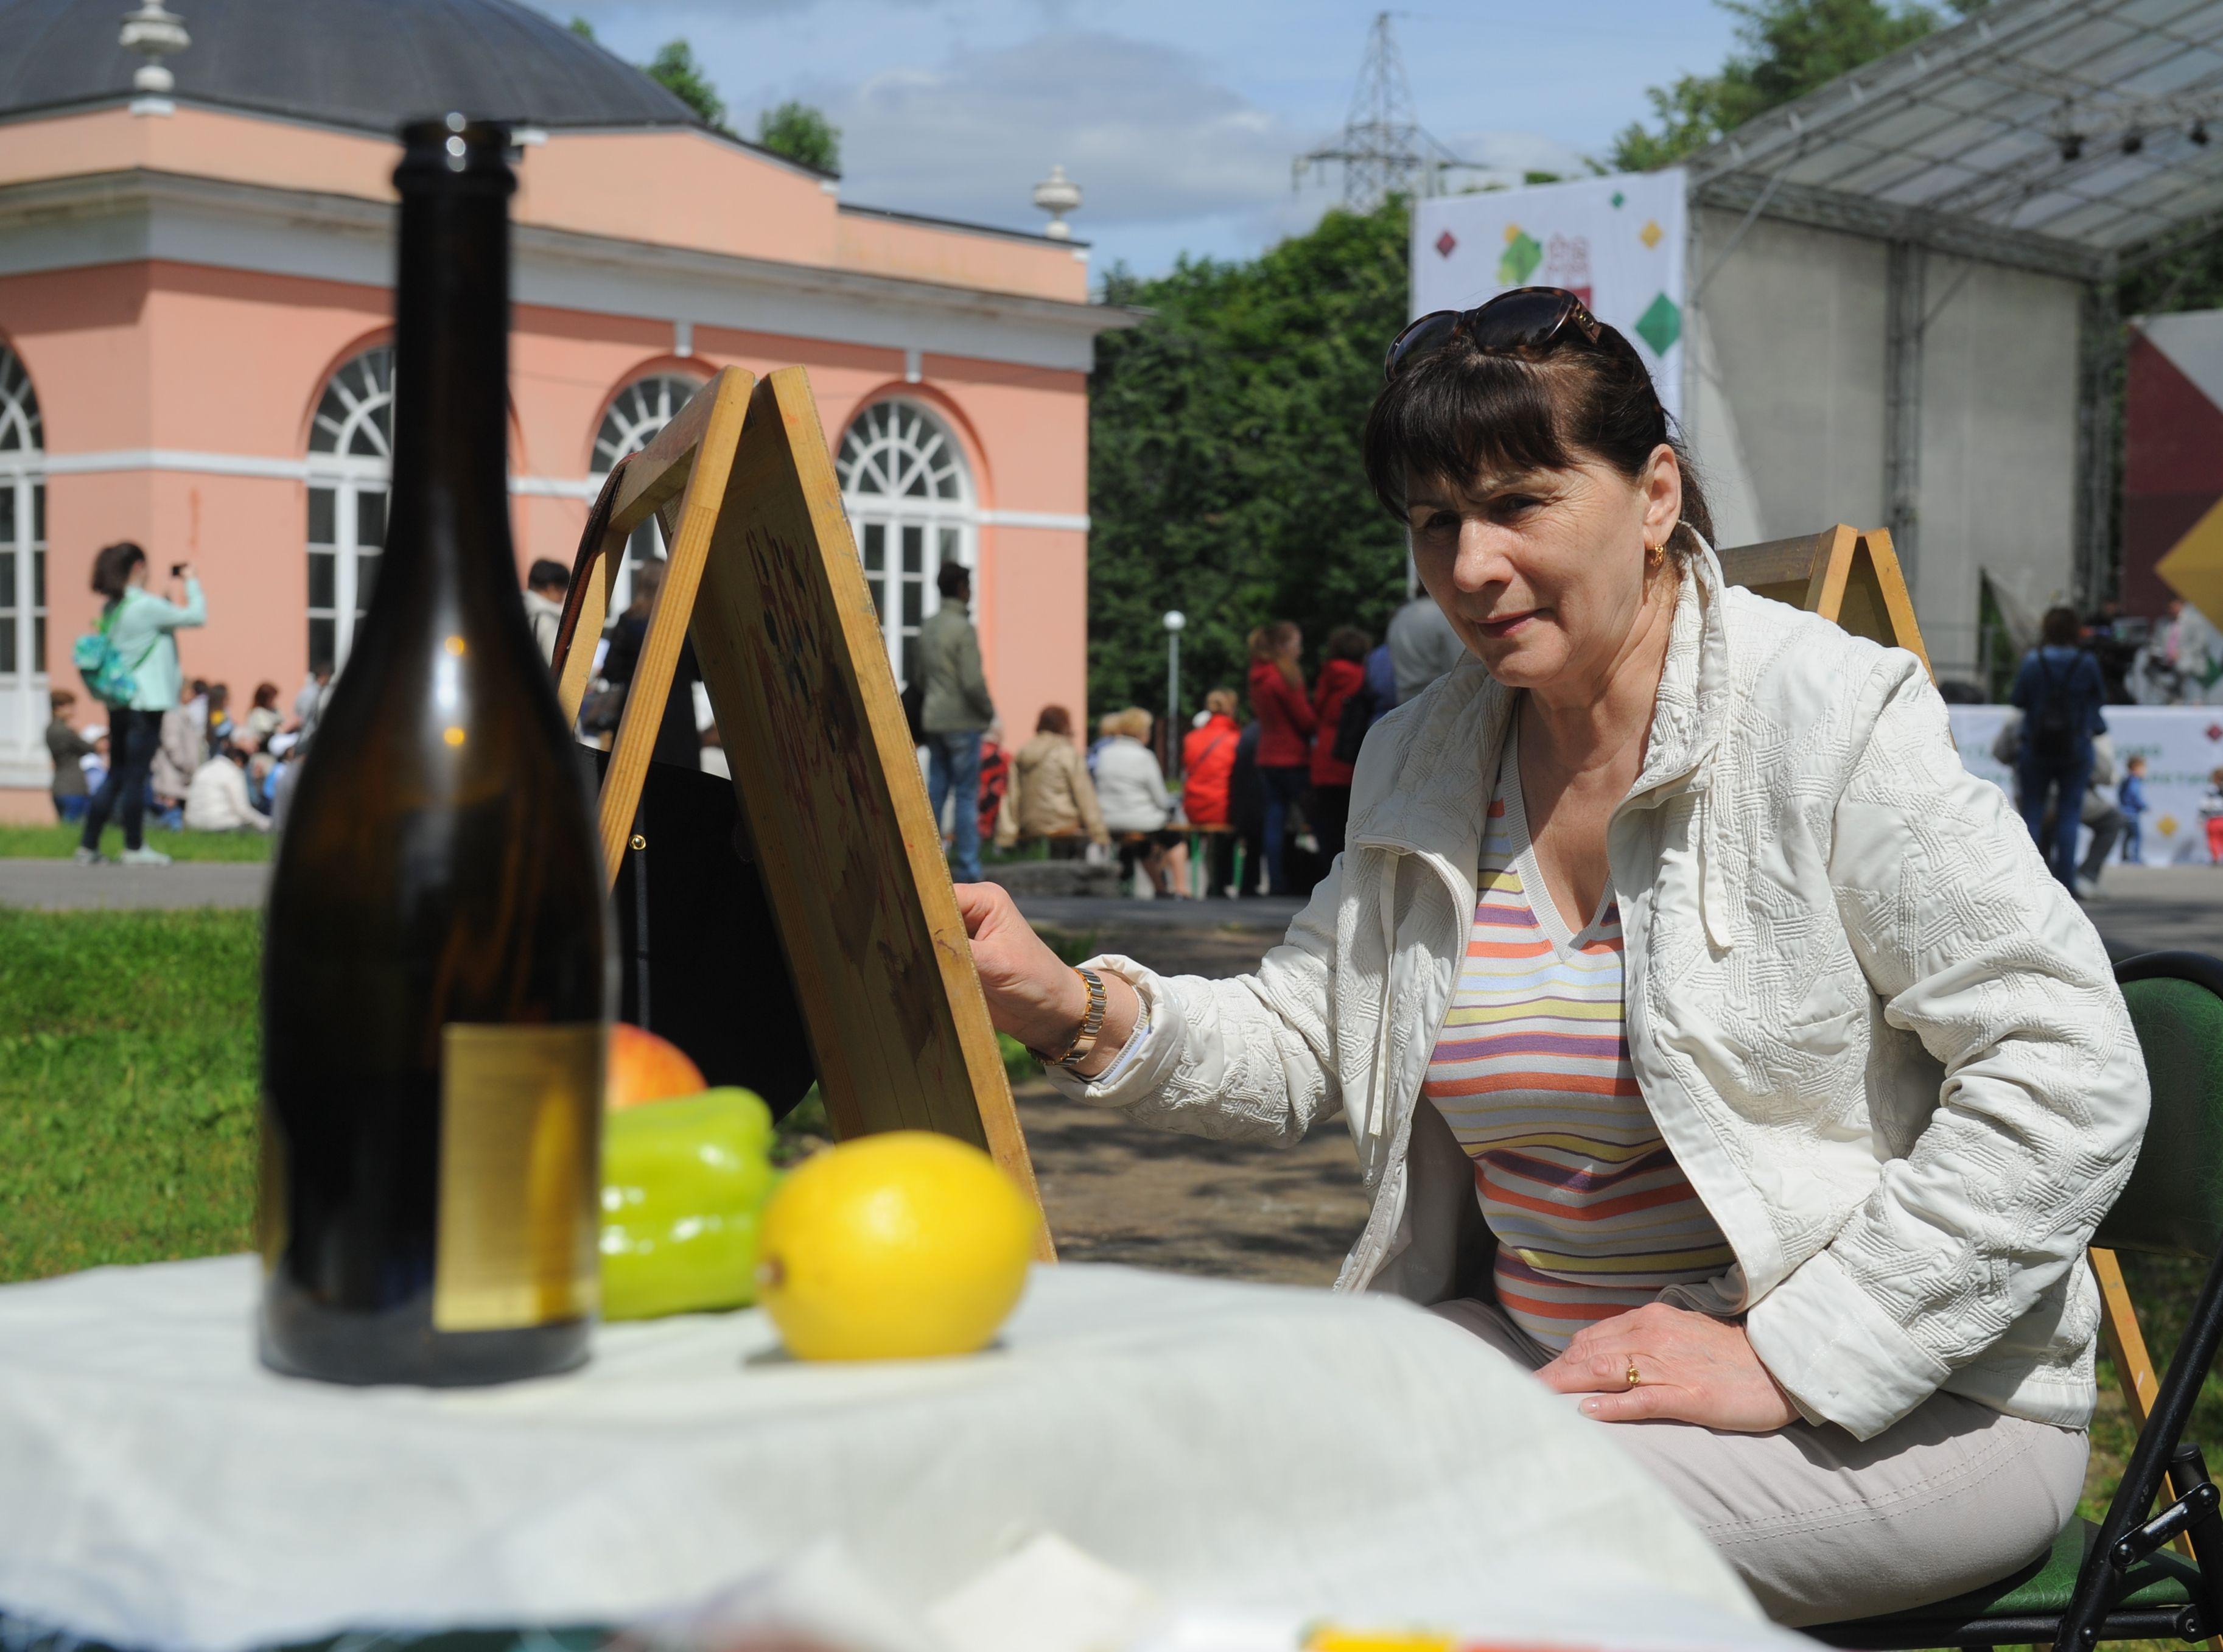 День открытых дверей организуют в культурном учреждении Внуковского